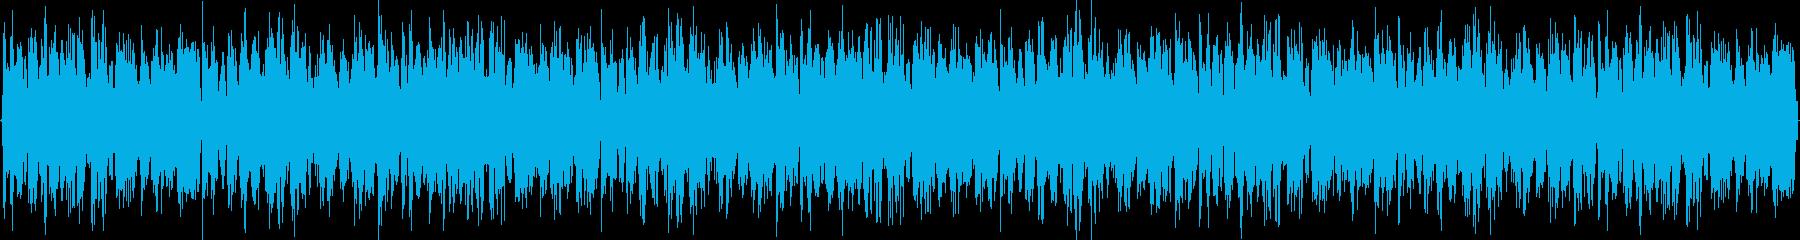 シューティングゲーム向けトランスです。の再生済みの波形